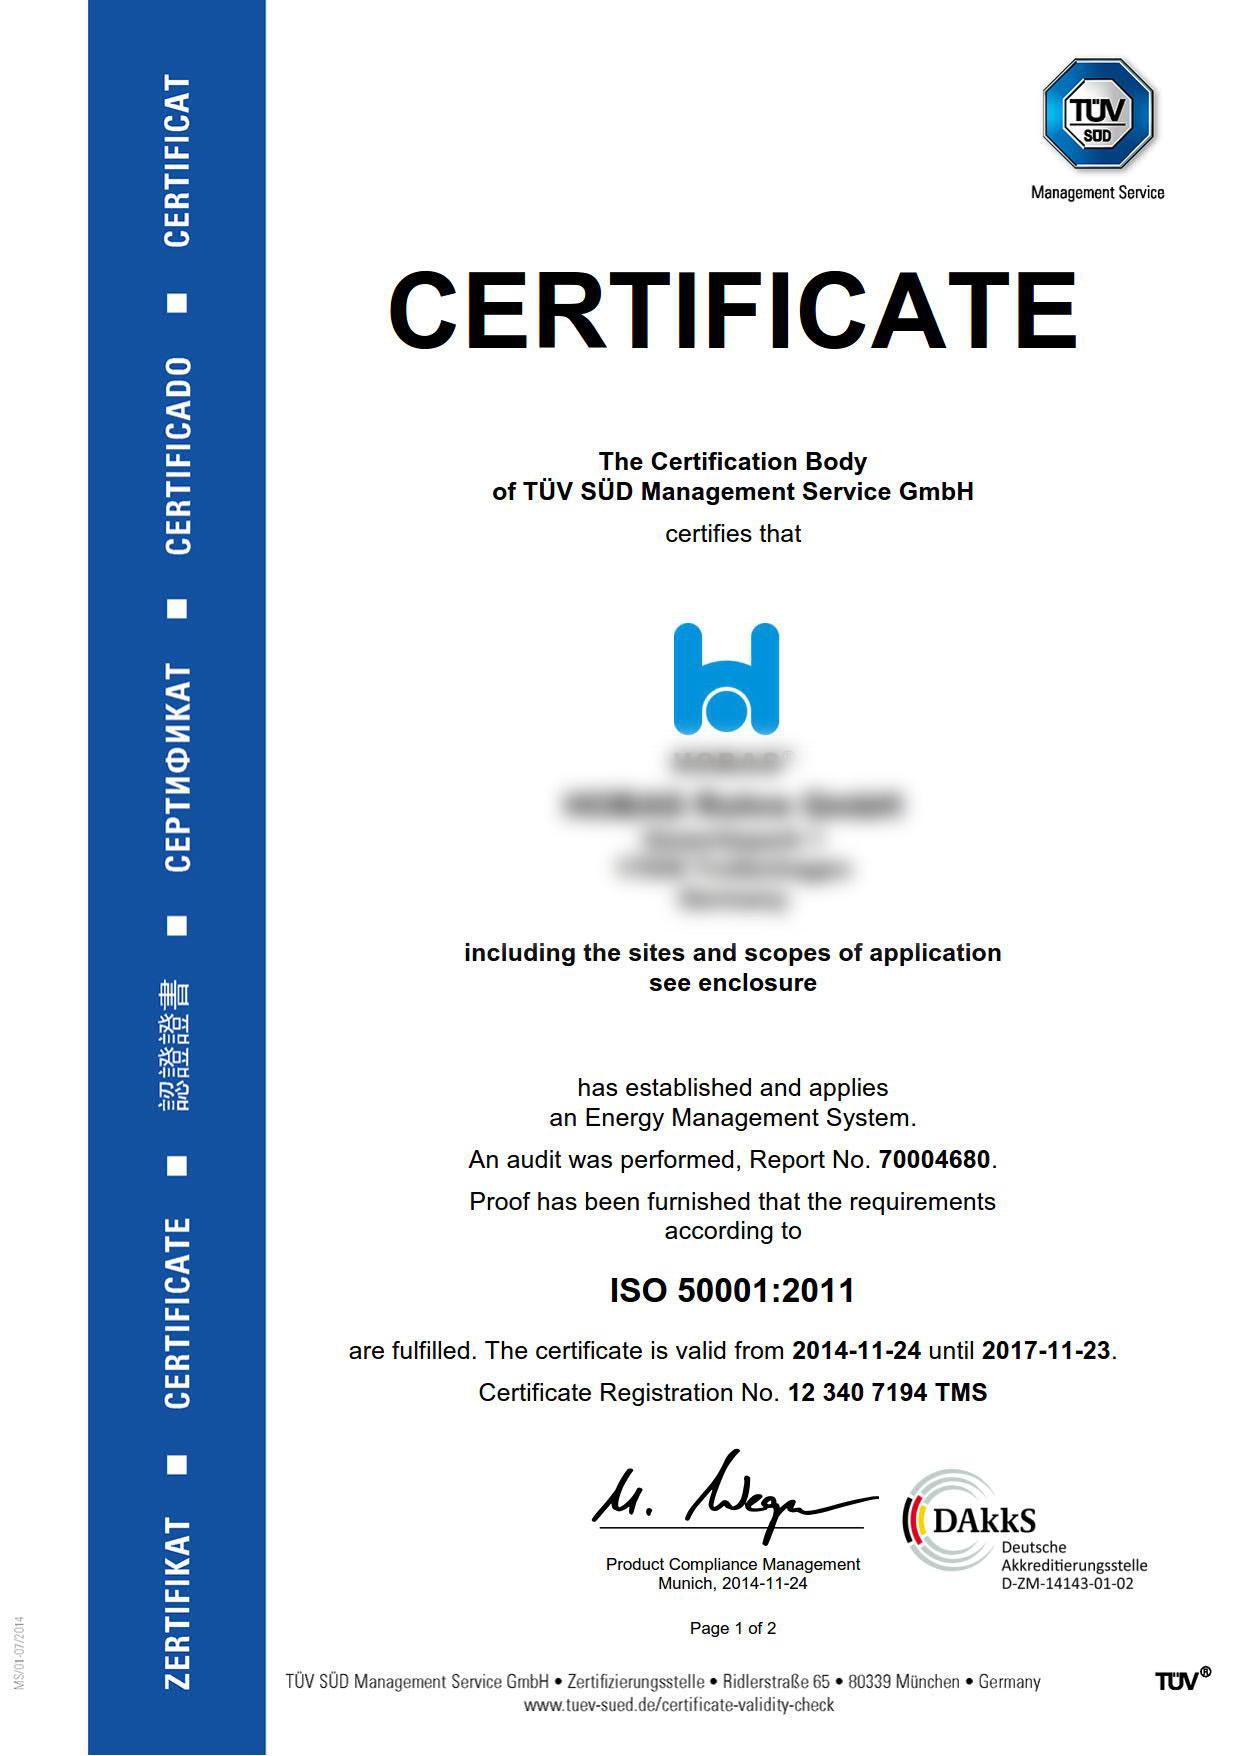 Cертификат ISO 50001